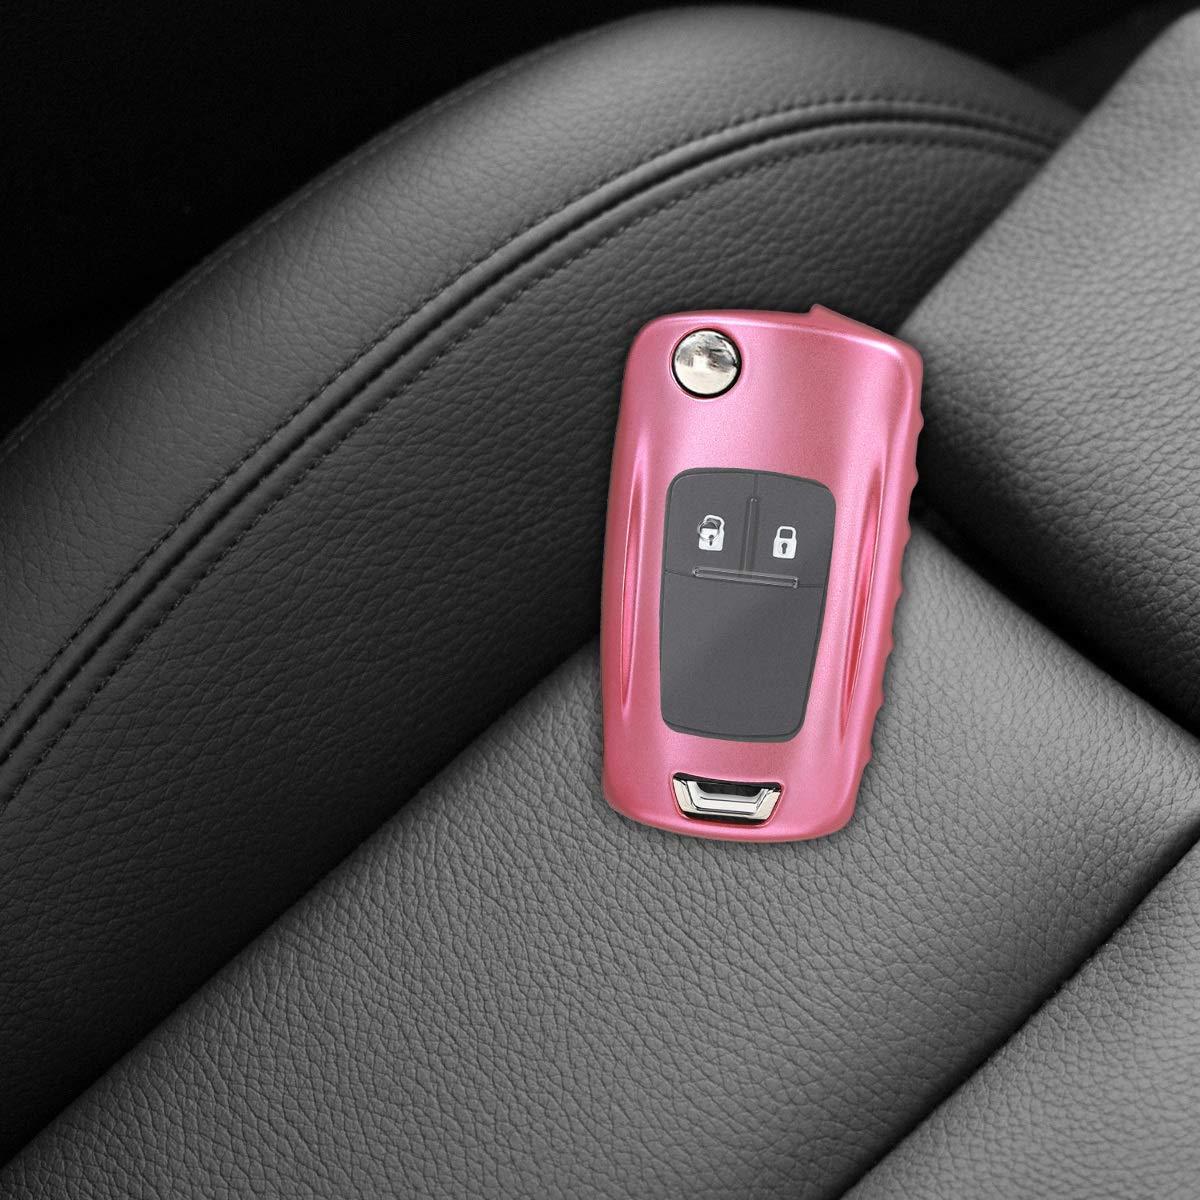 Cover de Mando y Control de Auto en TPU de para Llaves Rosa Oro Mate Suave kwmobile Funda para Llave Plegable de 2-3 Botones para Coche Opel Vauxhall Carcasa